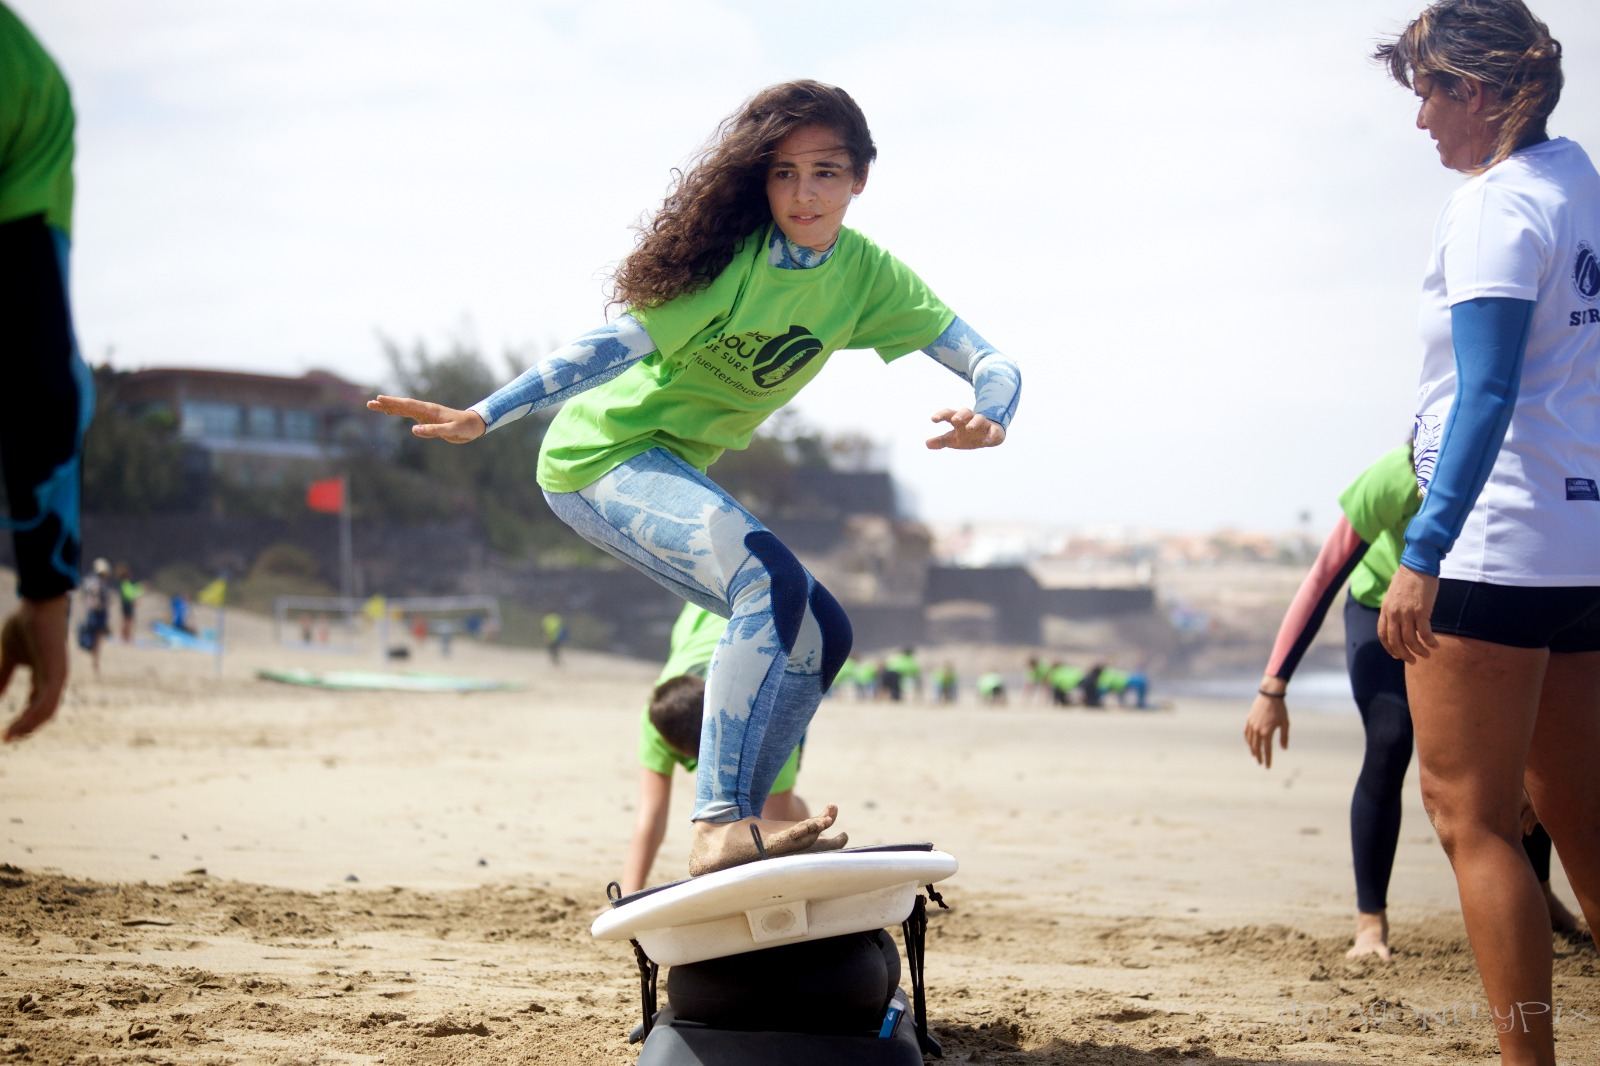 FUERTE TRIBU FUERTEVENTURA SURFWhatsApp Image 2019-08-25 at 17.06.55(16).jpeg